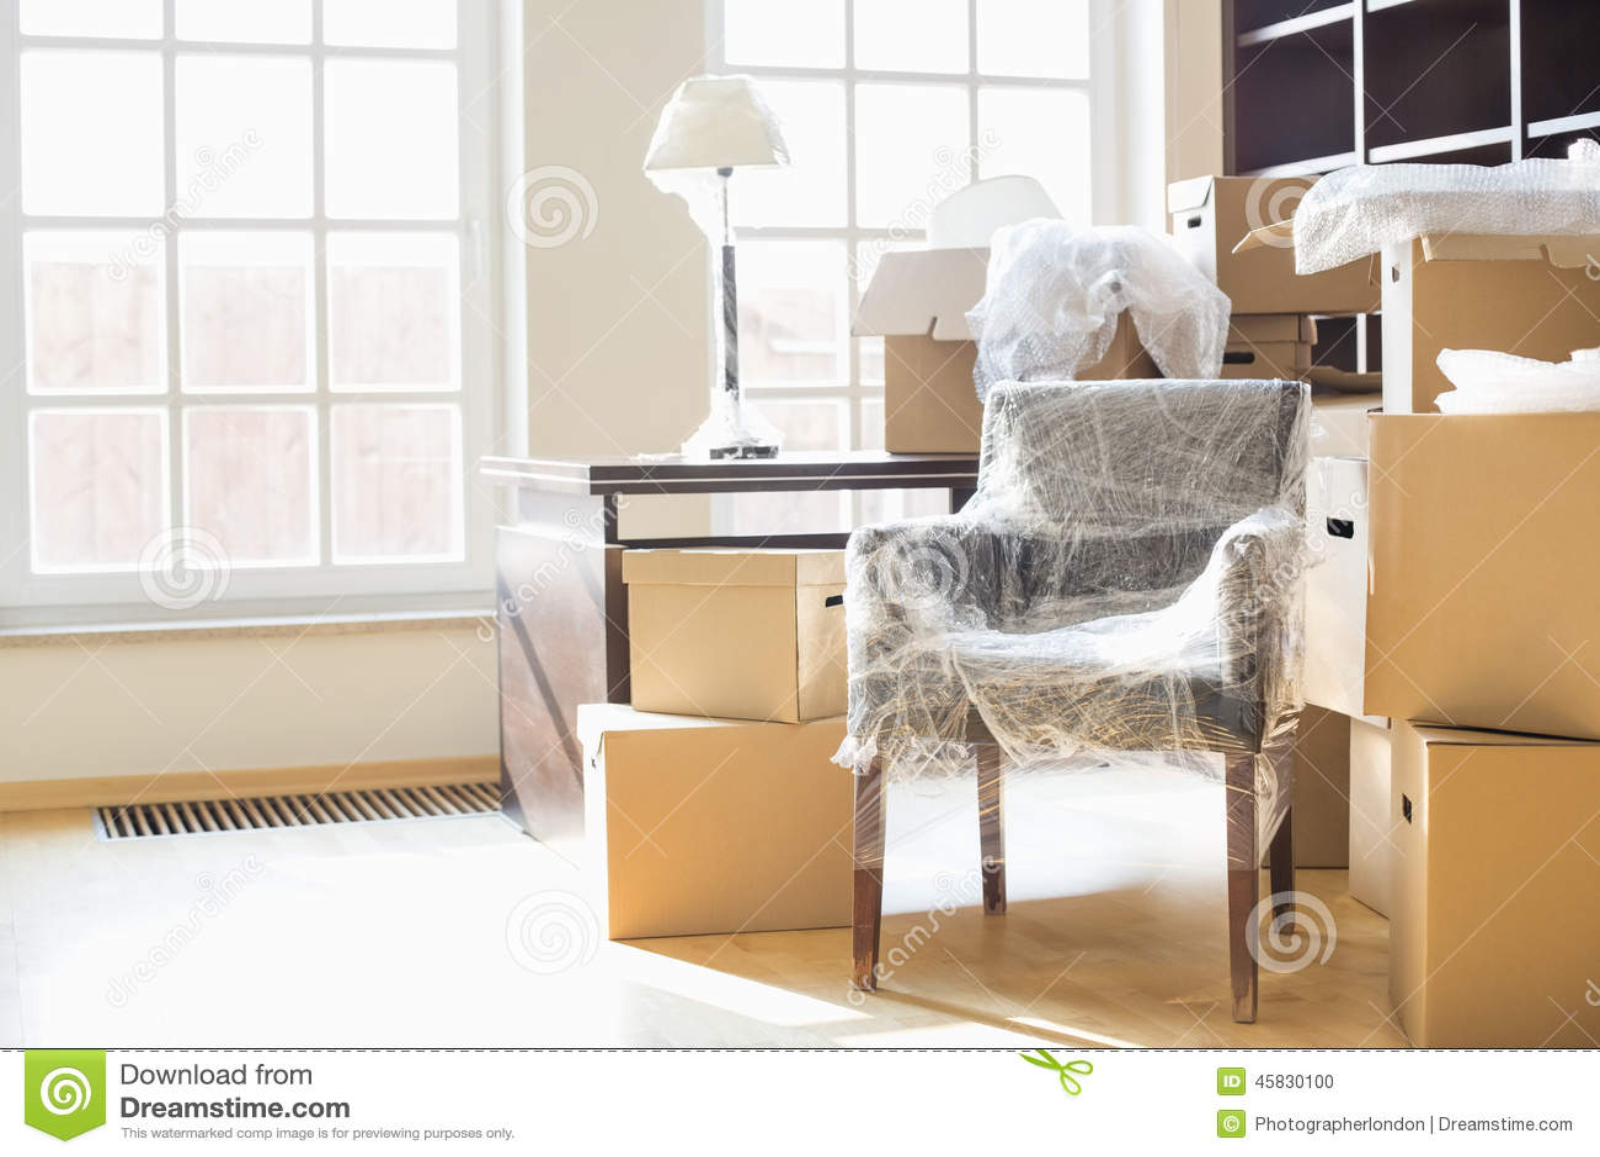 Cajas Y Muebles M Viles En Nuevo Hogar Foto De Archivo Imagen De  # Muebles Nuevo Hogar